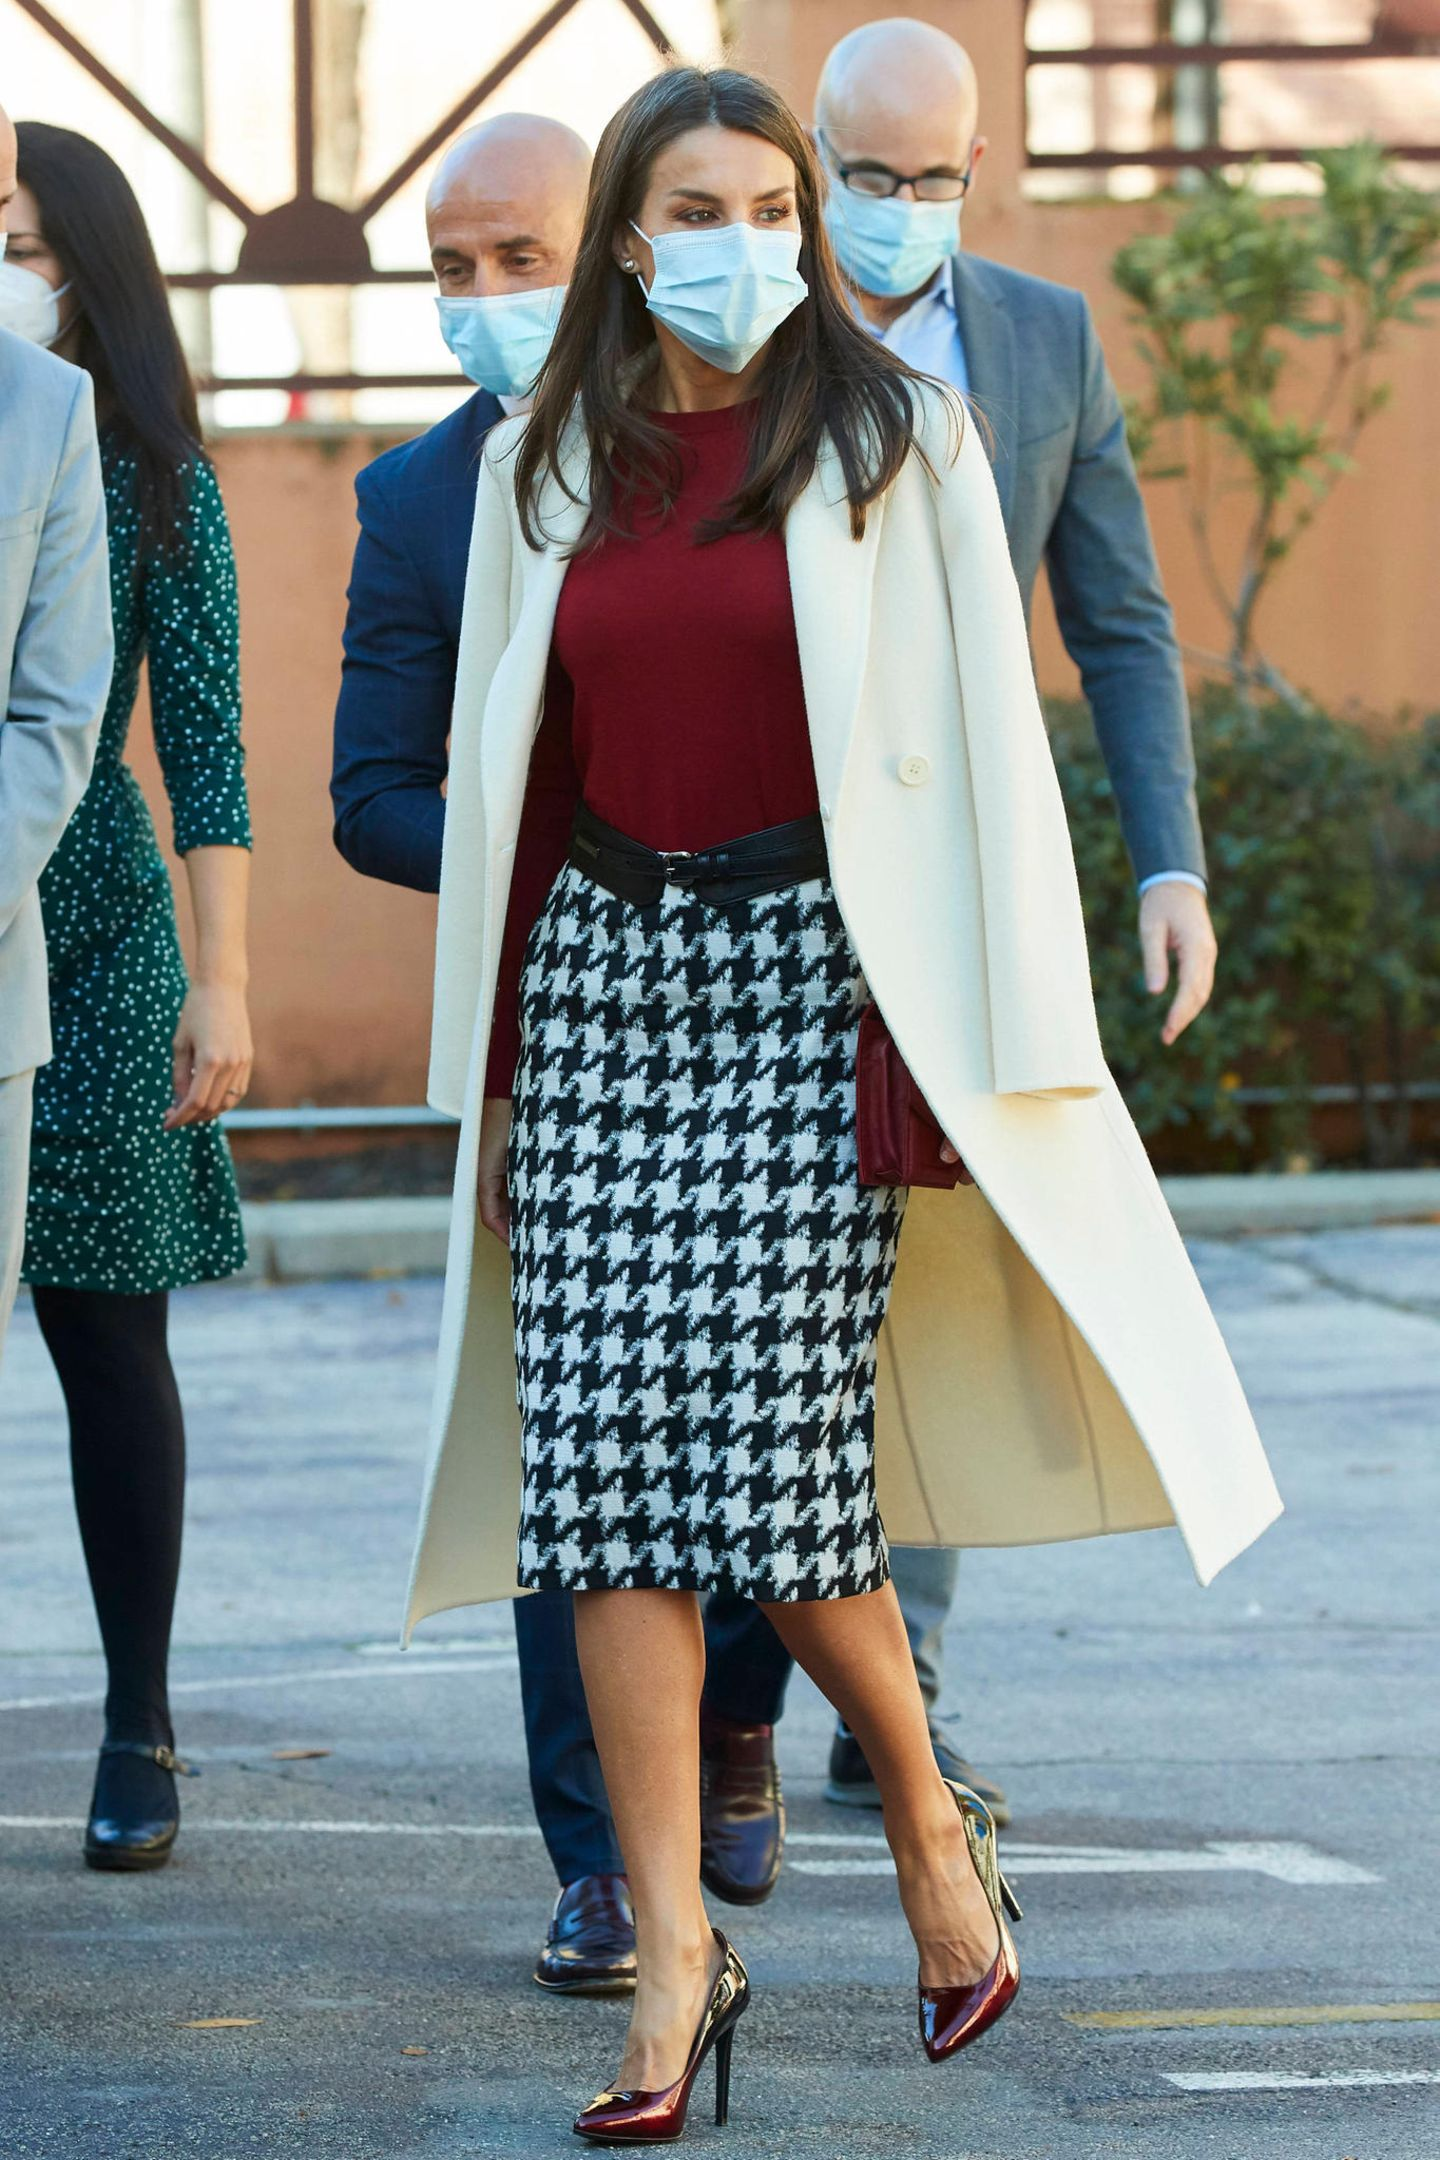 Königin Letizia erscheint in einer recht auffälligen Outfit-Kombination zu einem Arbeitstreffen in Madrid. Zu einem Pencilskirt mit Hahnentritt-Muster (kostet etwa 200 Euro) wählt die 48-Jährige einen dunkelroten Pullover für etwa 165 Euro, beides von Hugo Boss, und Pumps mit Farbverlauf in Lack-Optik von Lodi, Kostenpunkt: ca. 200 Euro. Ein schwarzer Taillengürtel und eine ebenfalls dunkelrote Clutch von Reliquiae für 525 Euro runden den Look stilvoll ab. Gewusst wie: Letizia legt sich ihrencremefarbenen Wollmantel lässig über die Schultern.